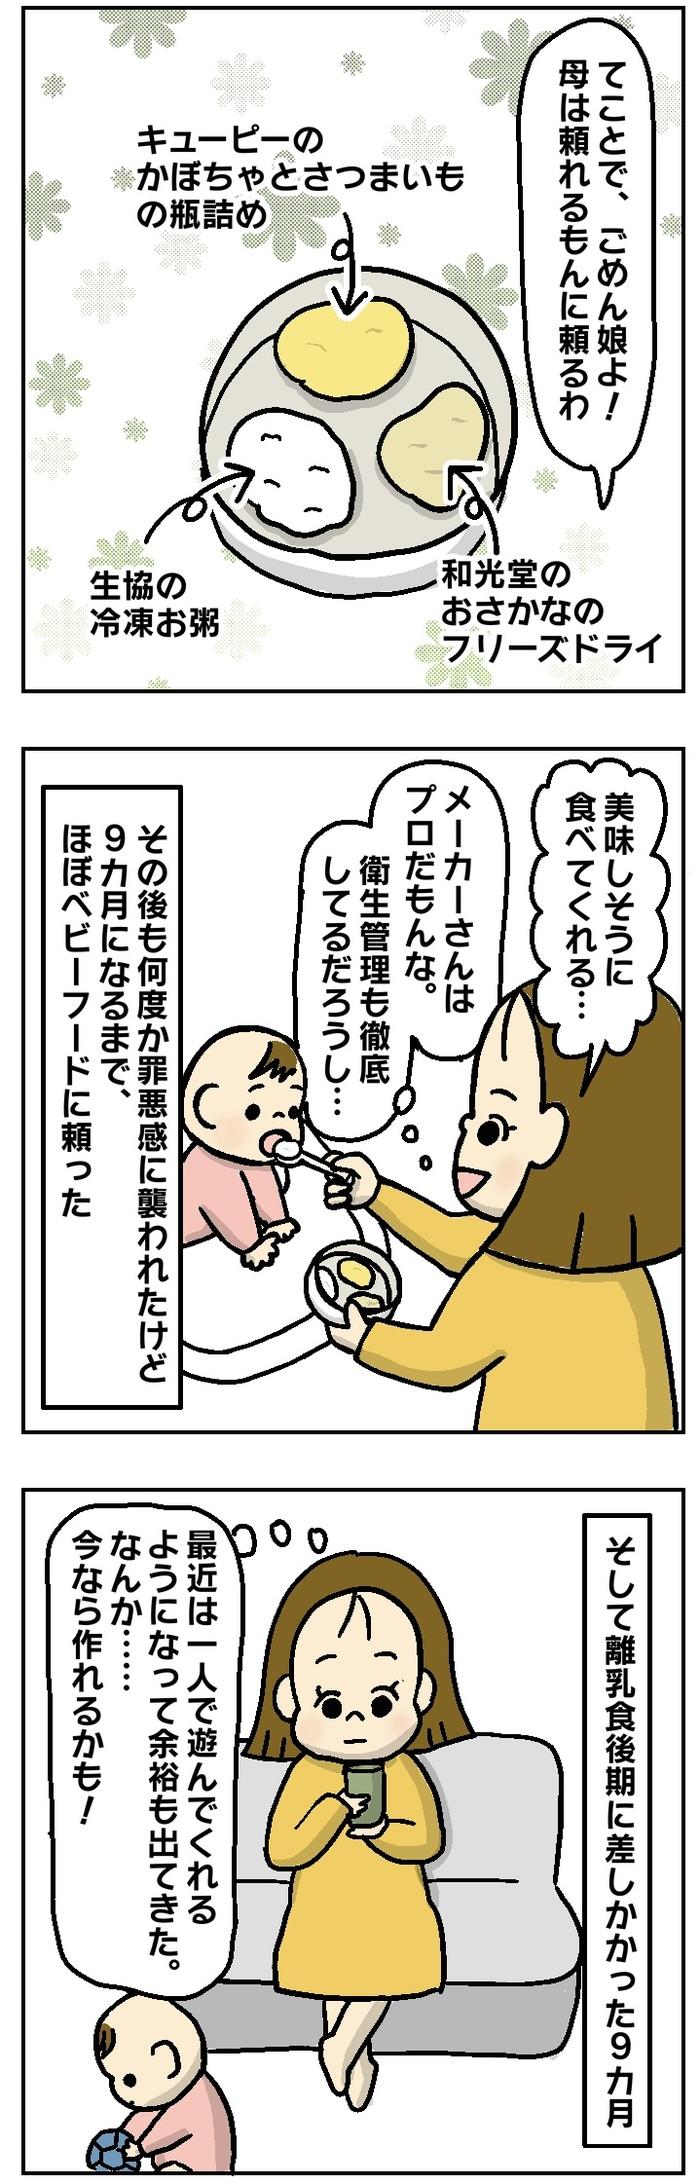 ほどよい妥協が子育てには必要!!離乳食をレトルトに頼った結果…<第5回投稿コンテスト NO.22>の画像6